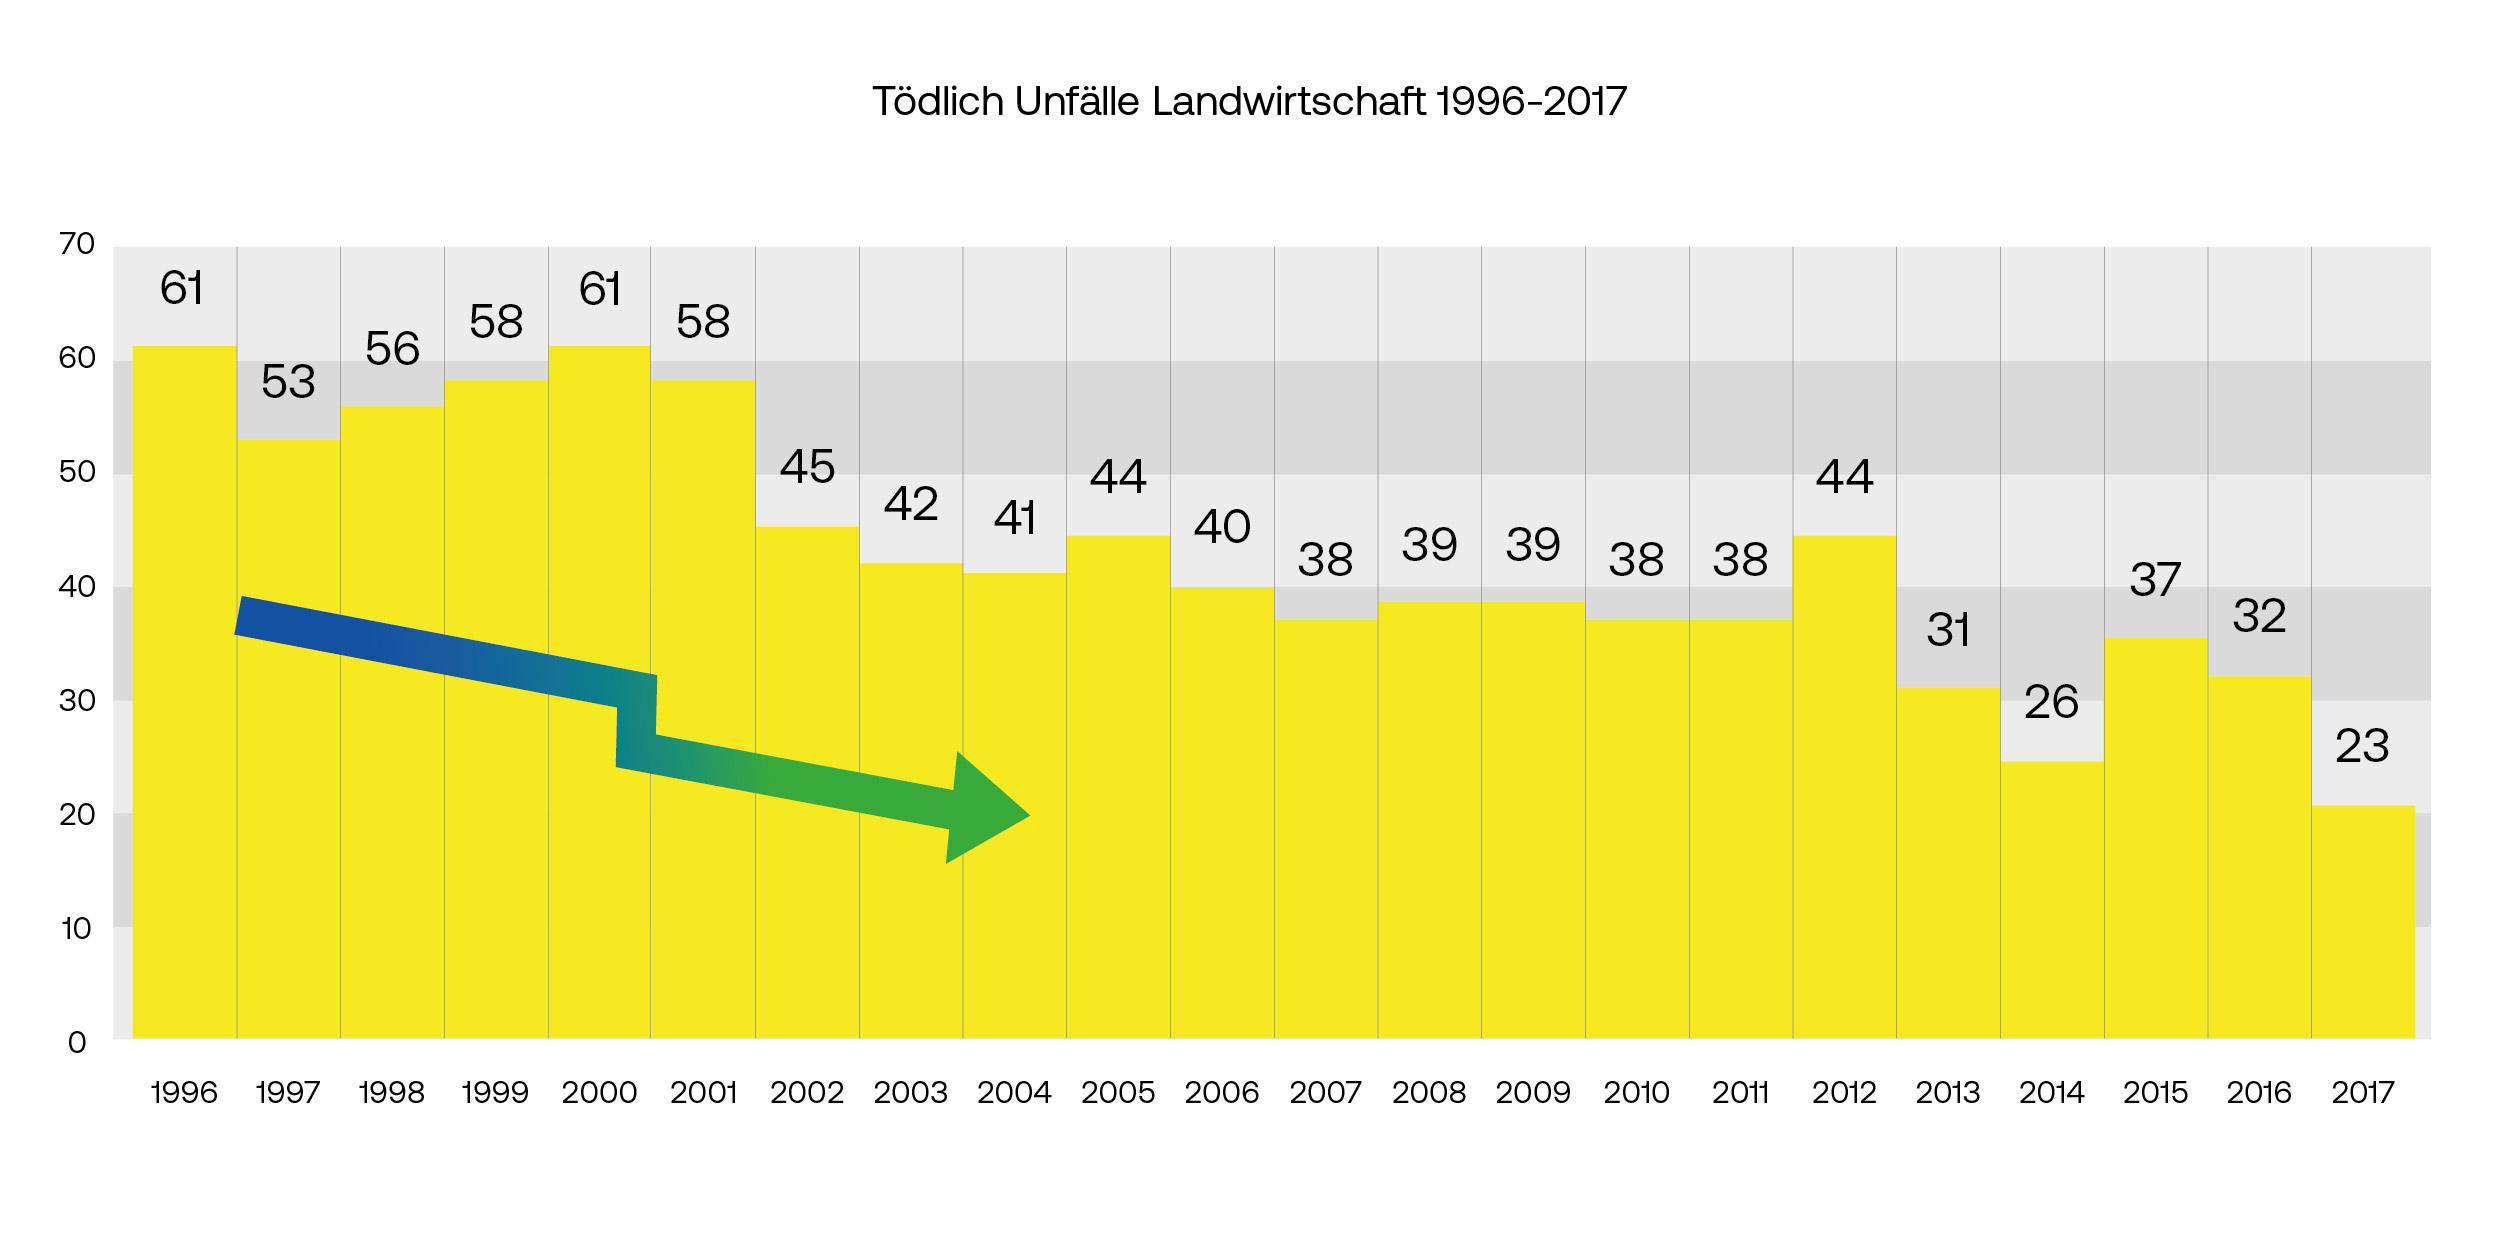 Tödliche Unfälle in der Landwirtschaft 1996 - 2017